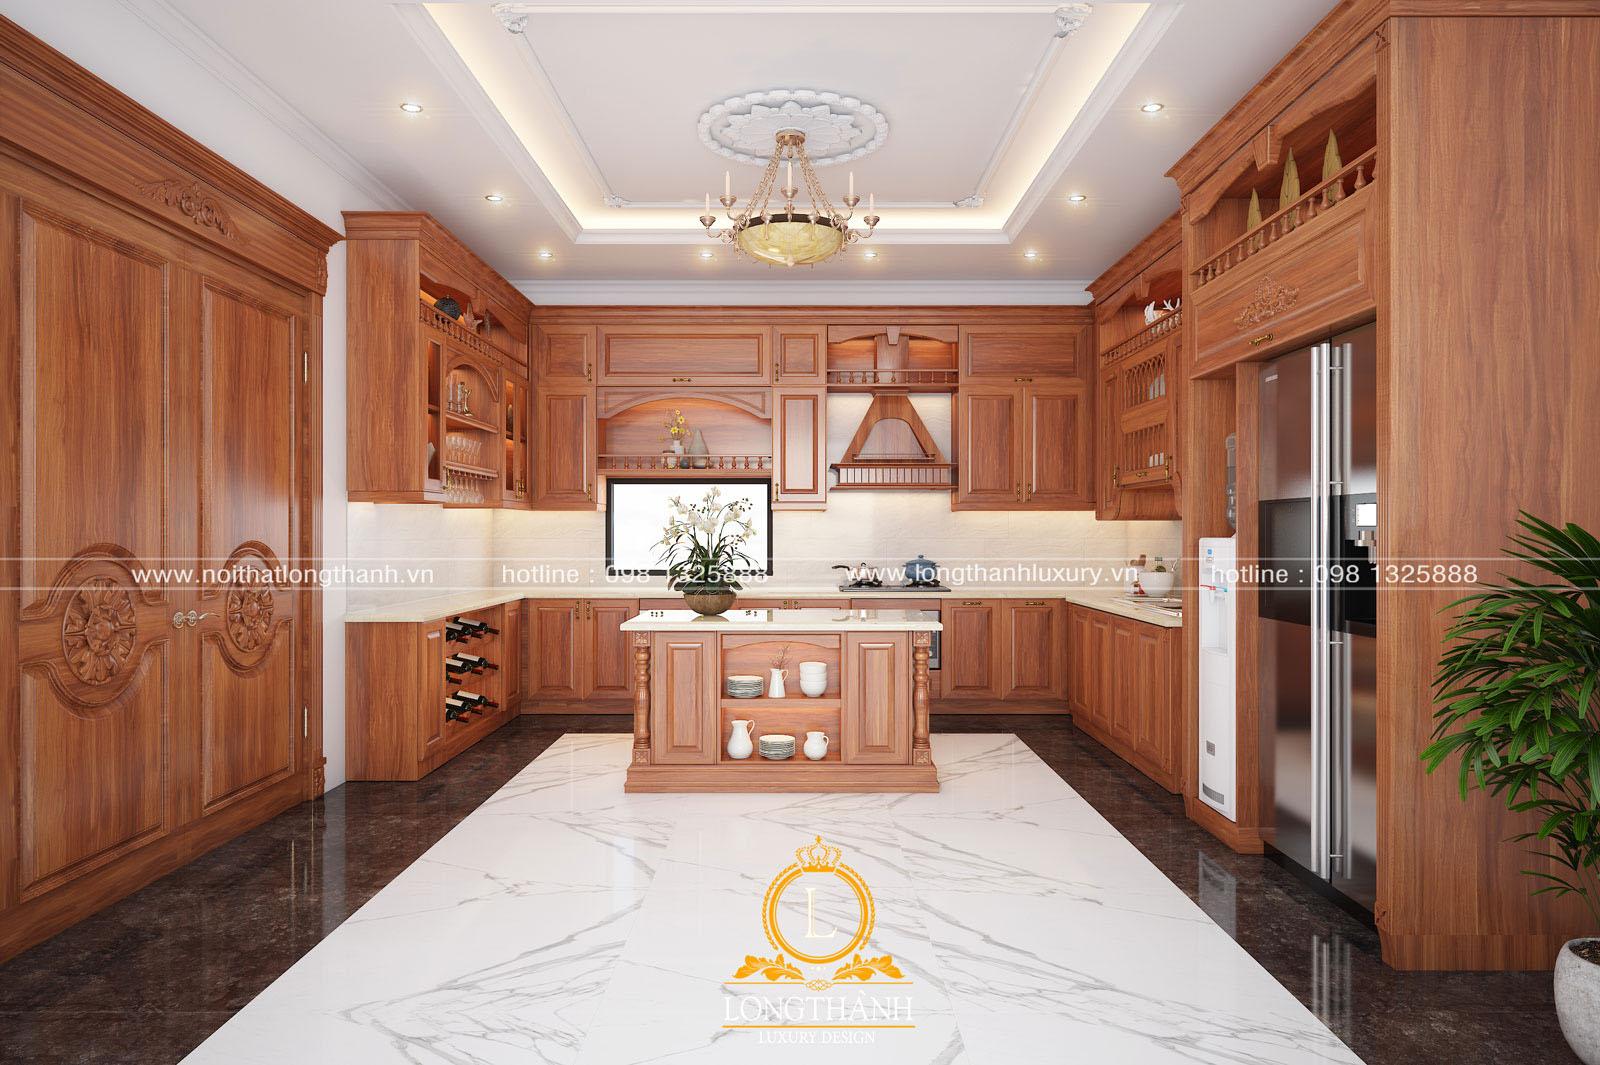 Mẫu thiết kế tủ bếp gỗ tự nhiên đẹp mã số LT 53 góc nhìn thứ 1